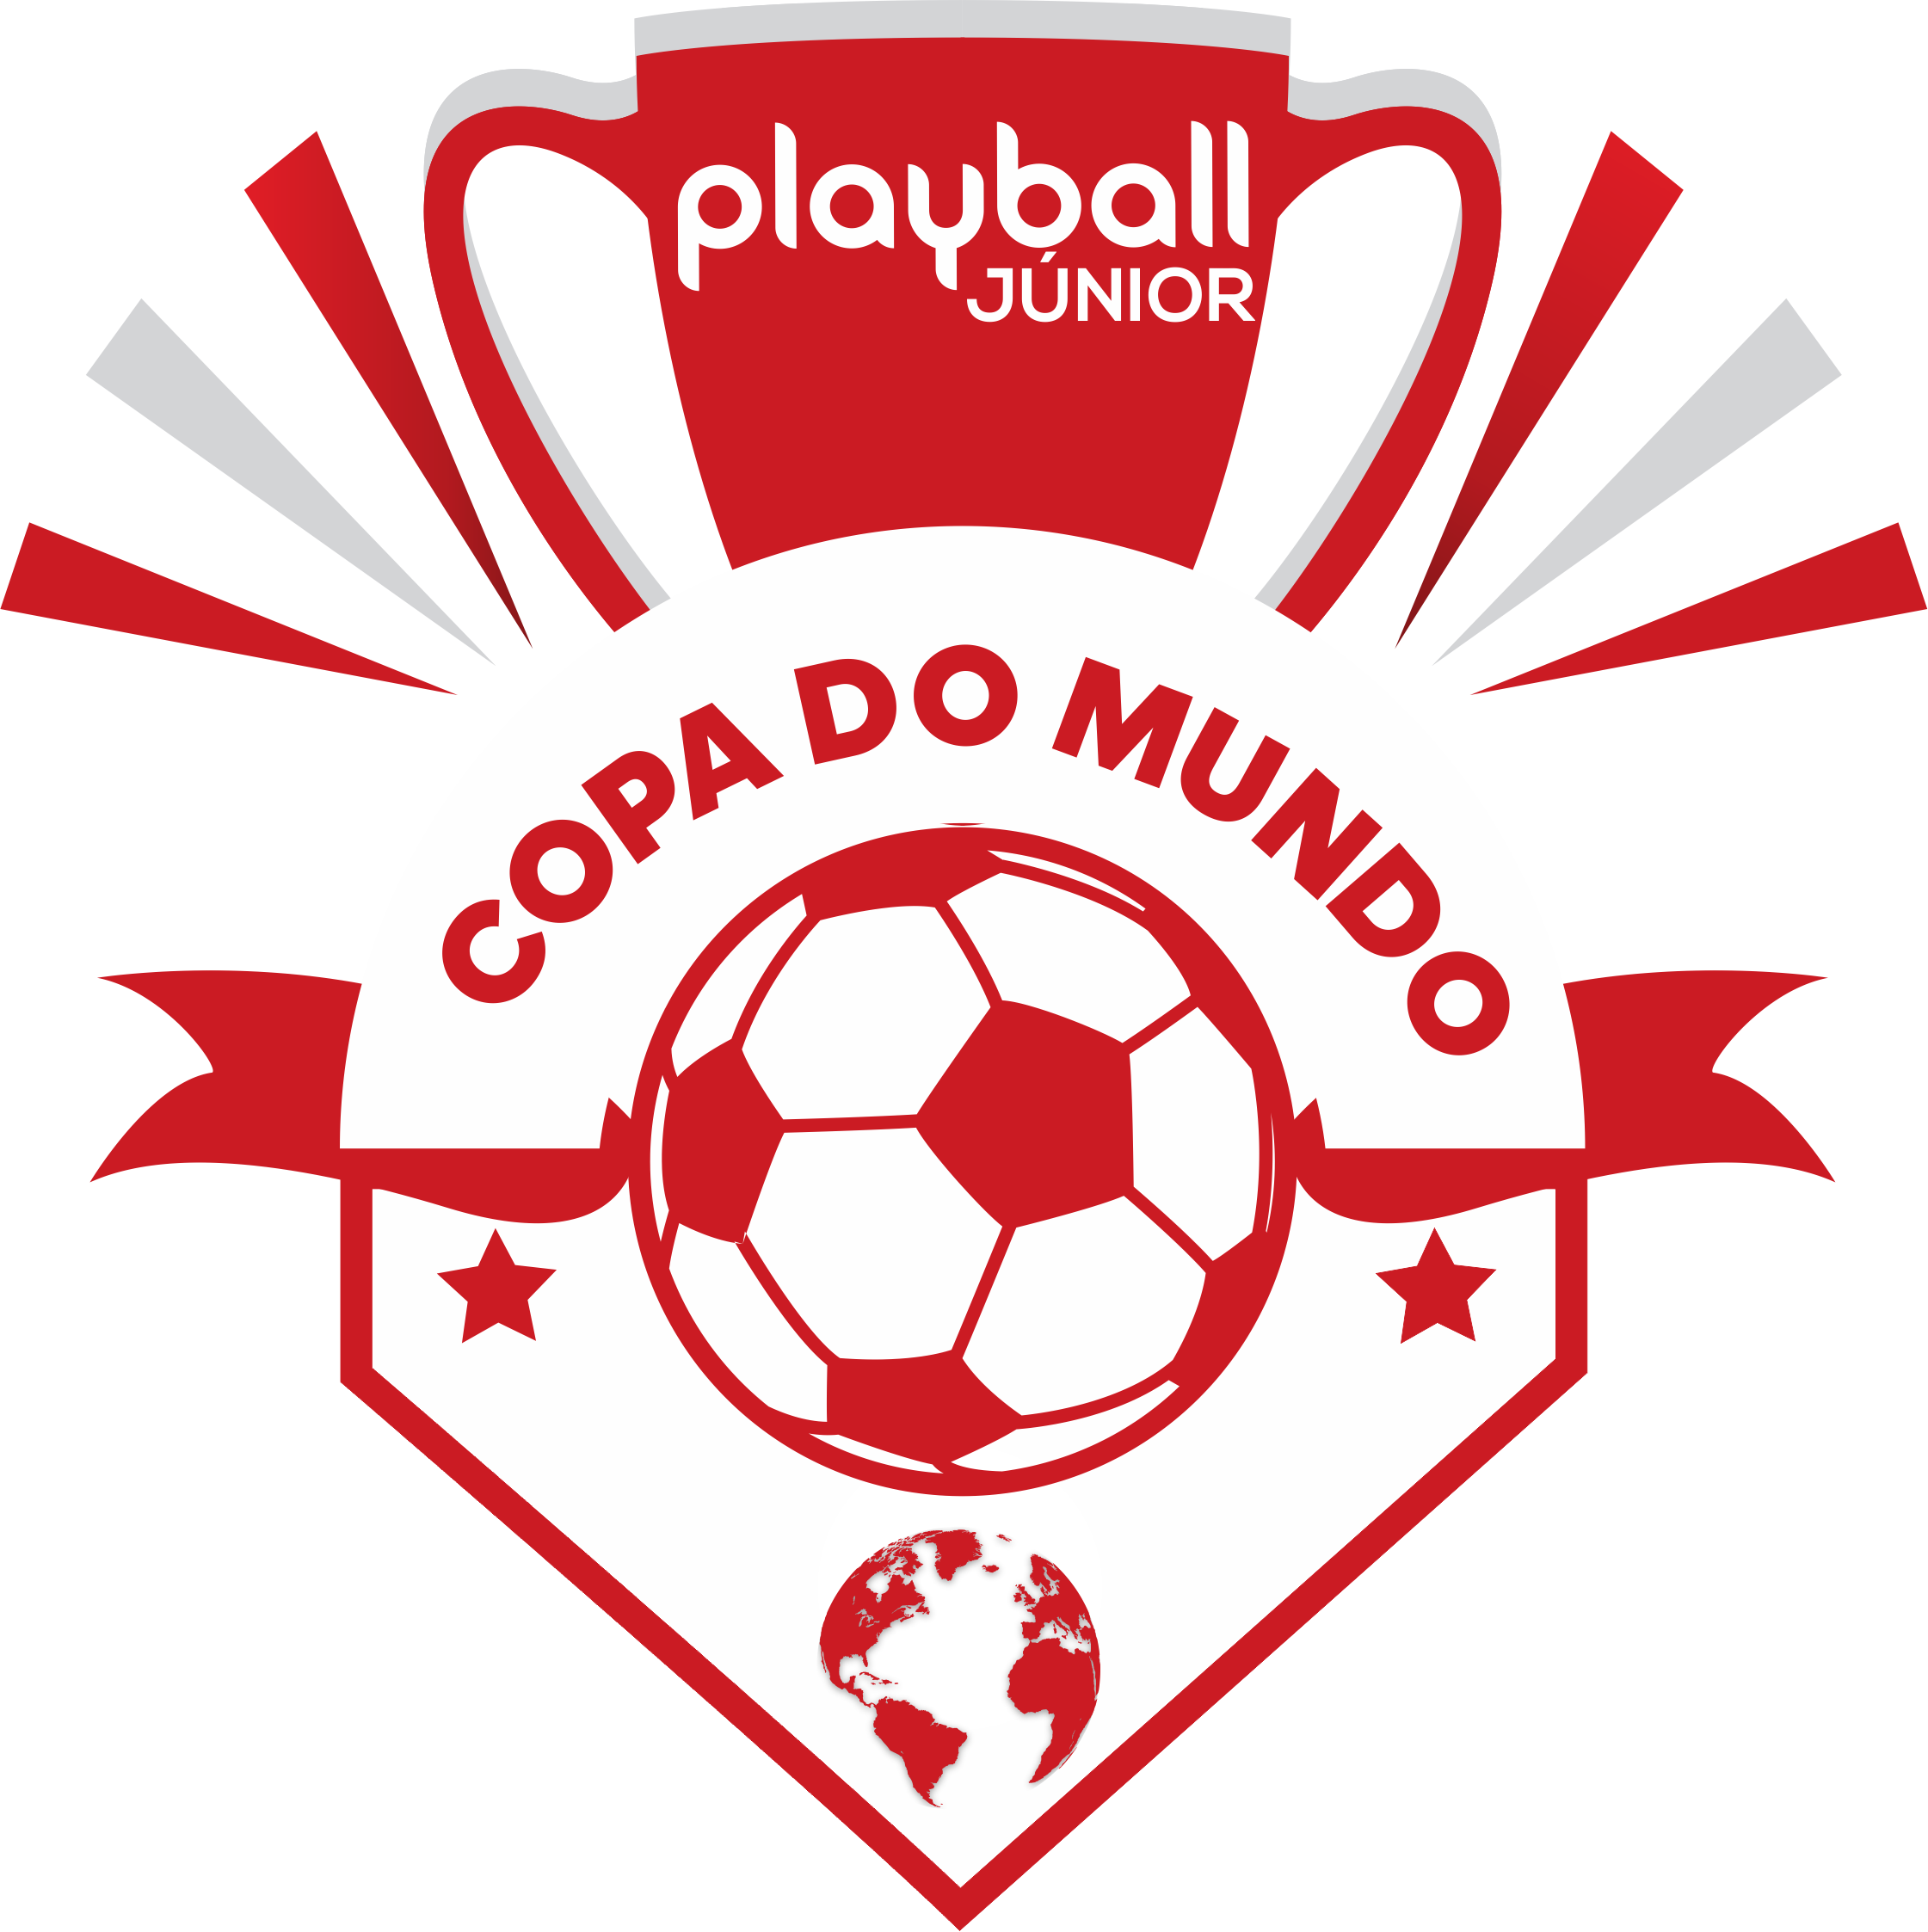 Copa do mundo Playball Jr de 2007 a 2010 São Caetano, Ipiranga e Anhaia Melo